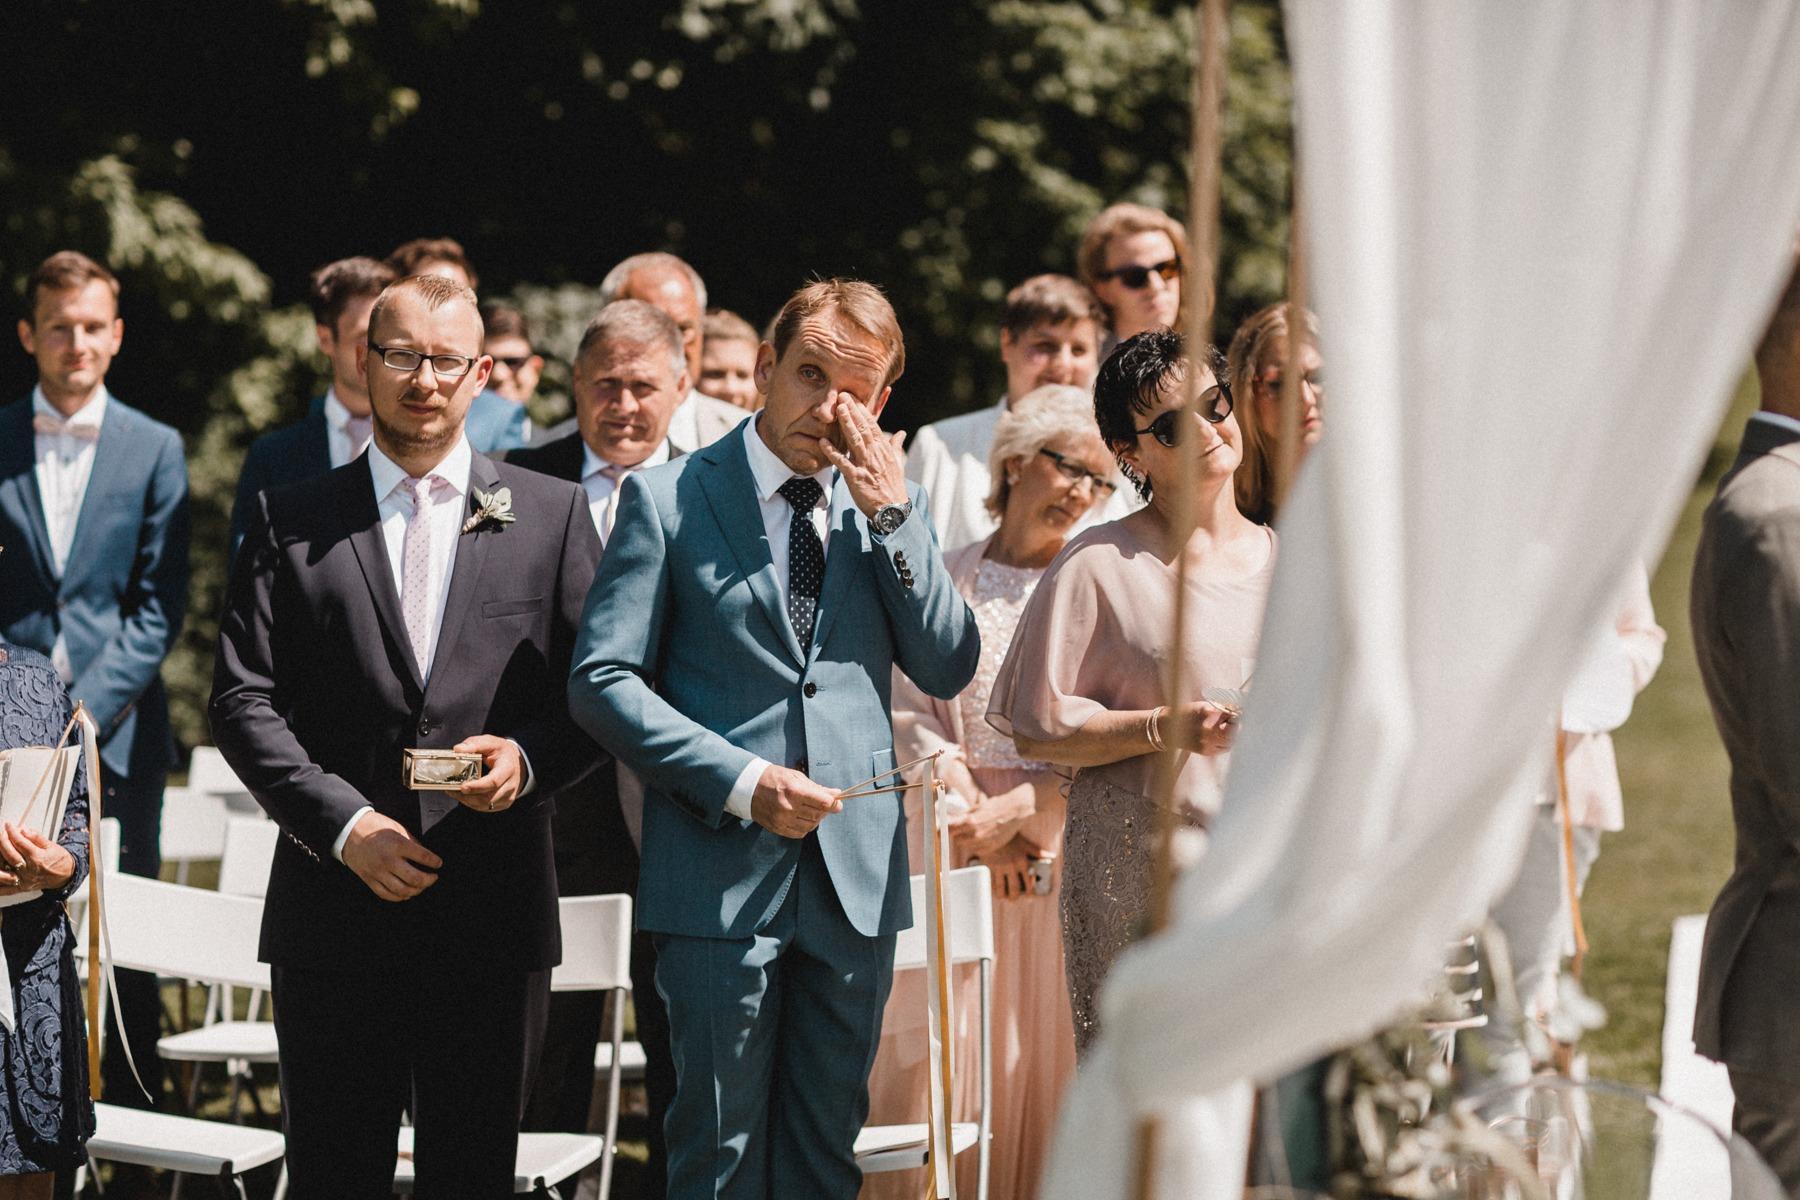 Freie Trauung: Die Bräutigamseltern und der Trauzeuge